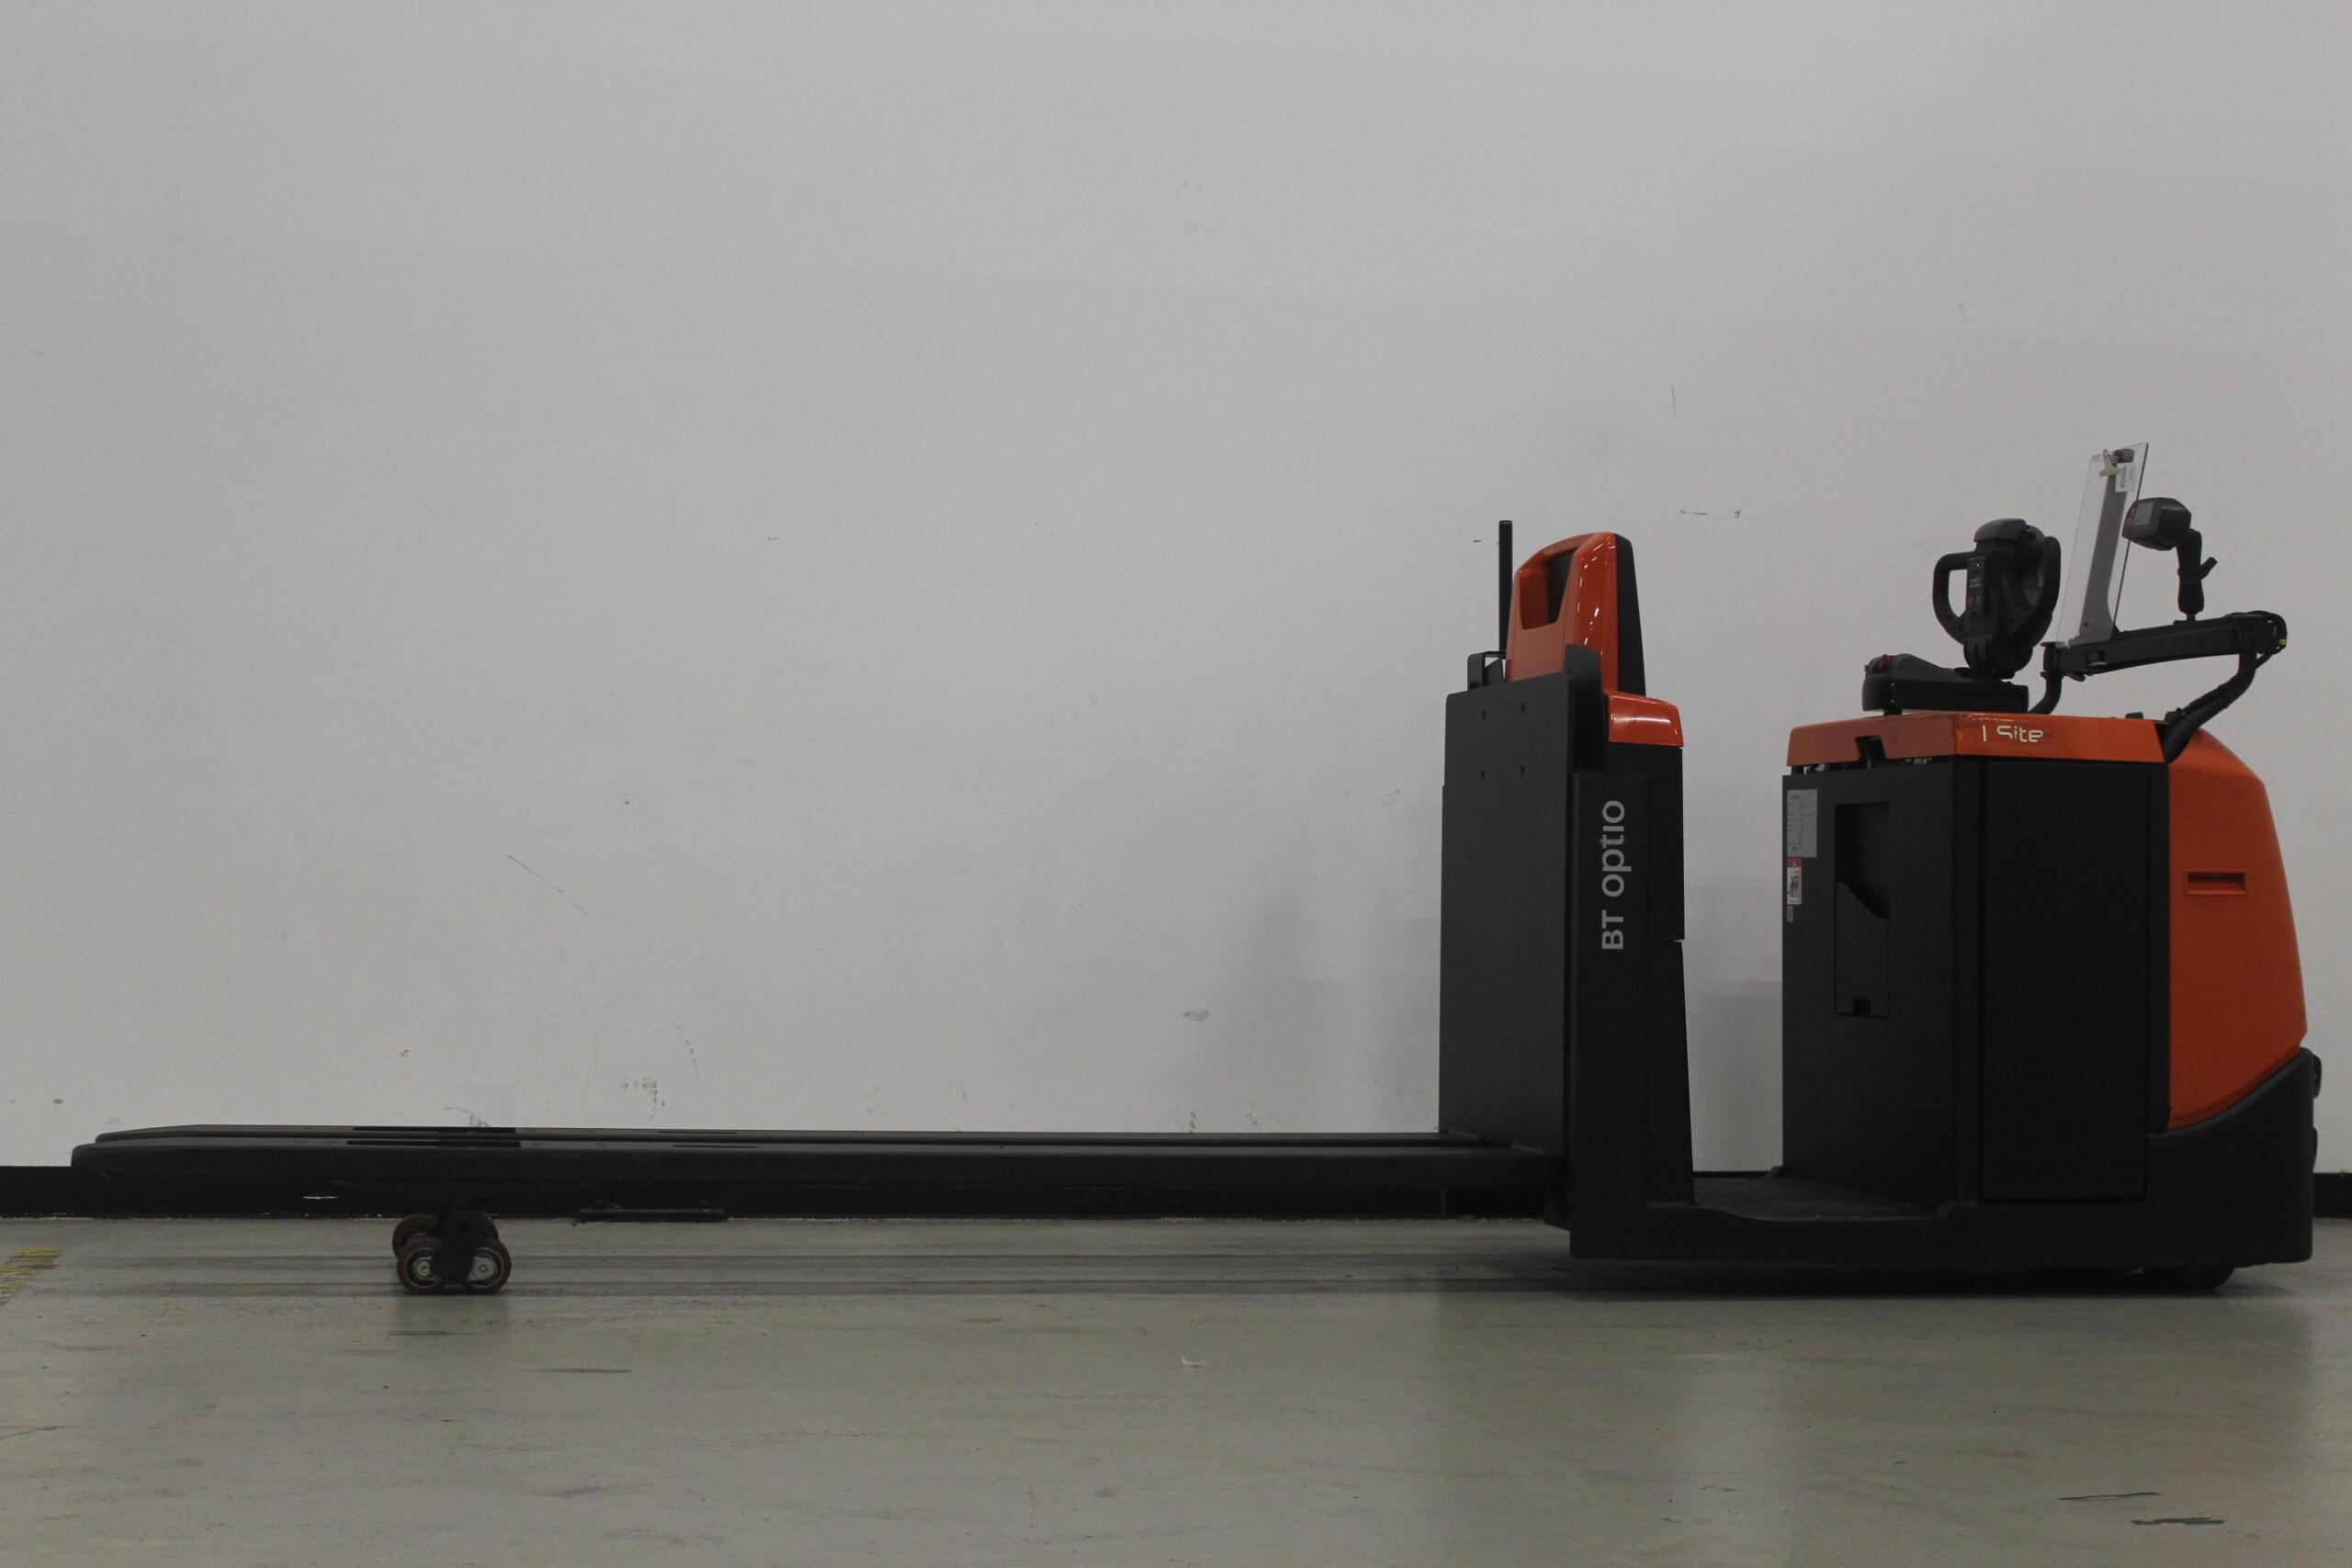 Toyota-Gabelstapler-59840 1811034194 1 9 scaled